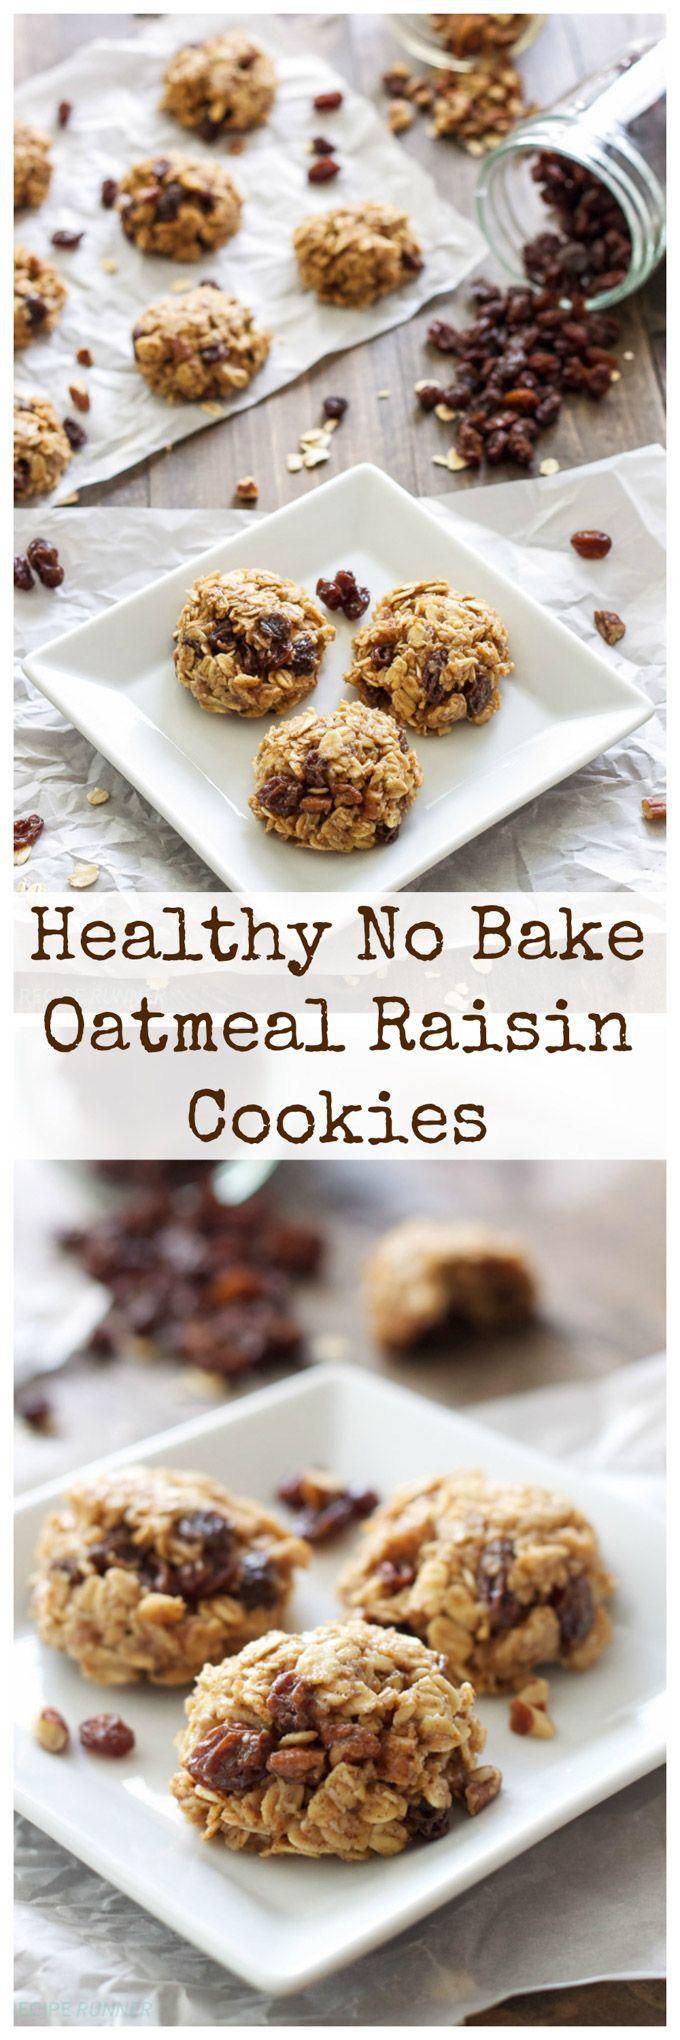 Healthy No Bake Oatmeal Raisin Cookies | A healthy oatmeal raisin version of the classic no bake cookies!